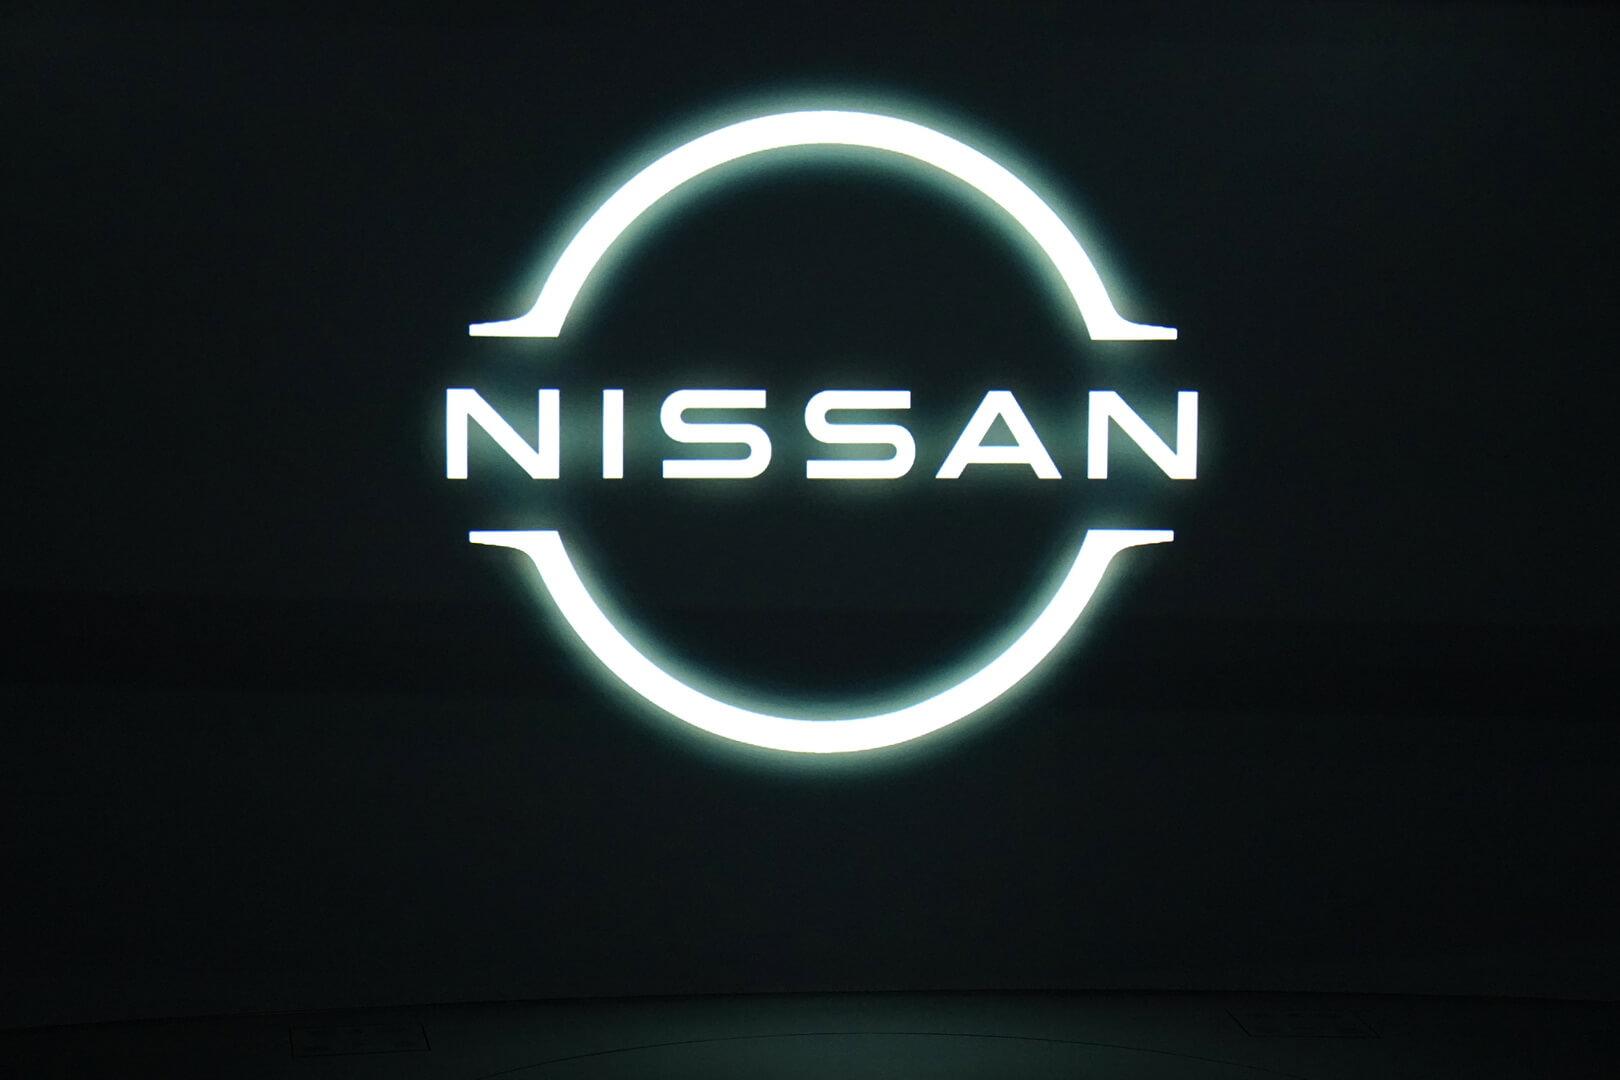 Обновленный дизайн логотипа Nissan указывает на новые горизонты